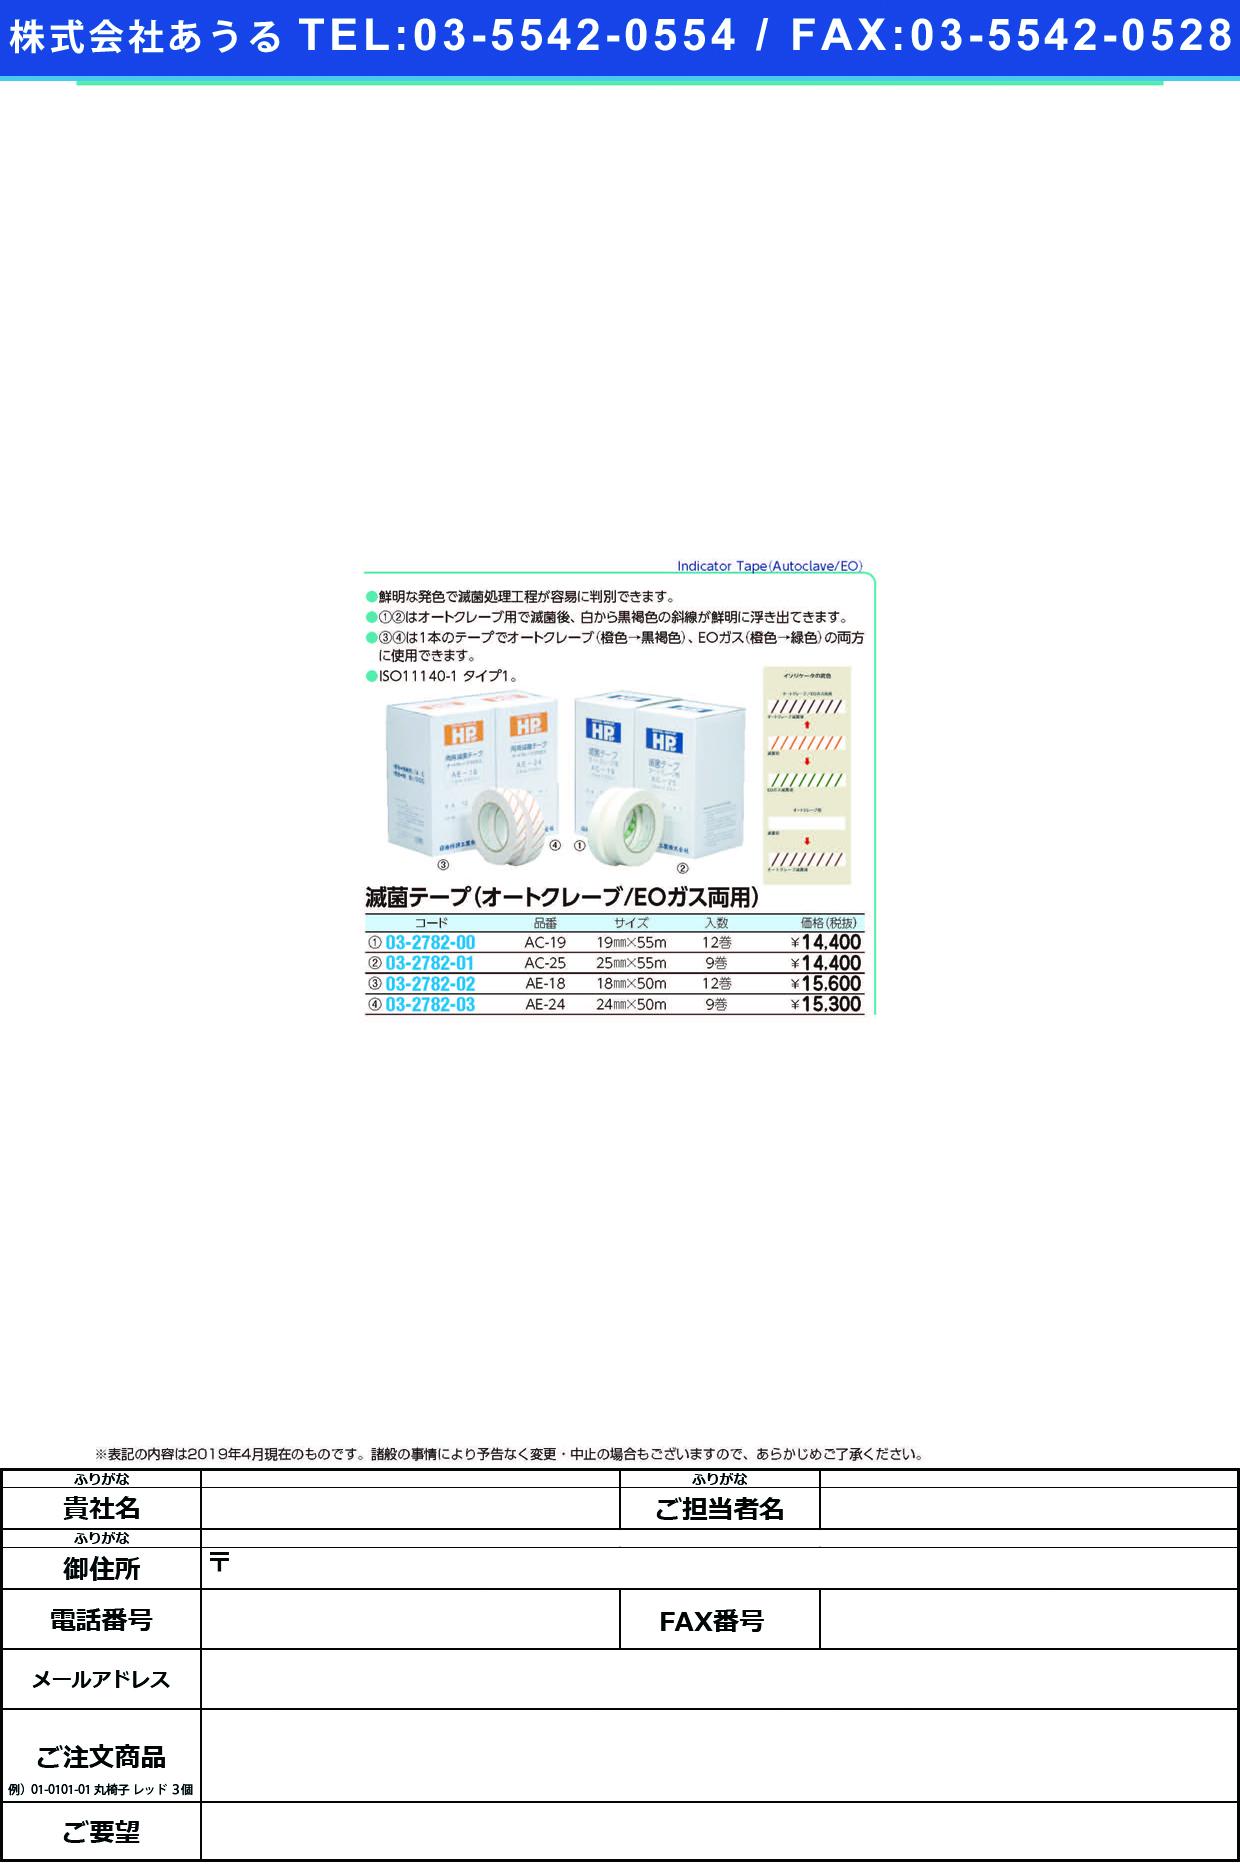 (03-2782-02)HP滅菌テープ(12巻入) AE-18(18MMX50M) メッキンテープ(イワツキ)【1箱単位】【2019年カタログ商品】